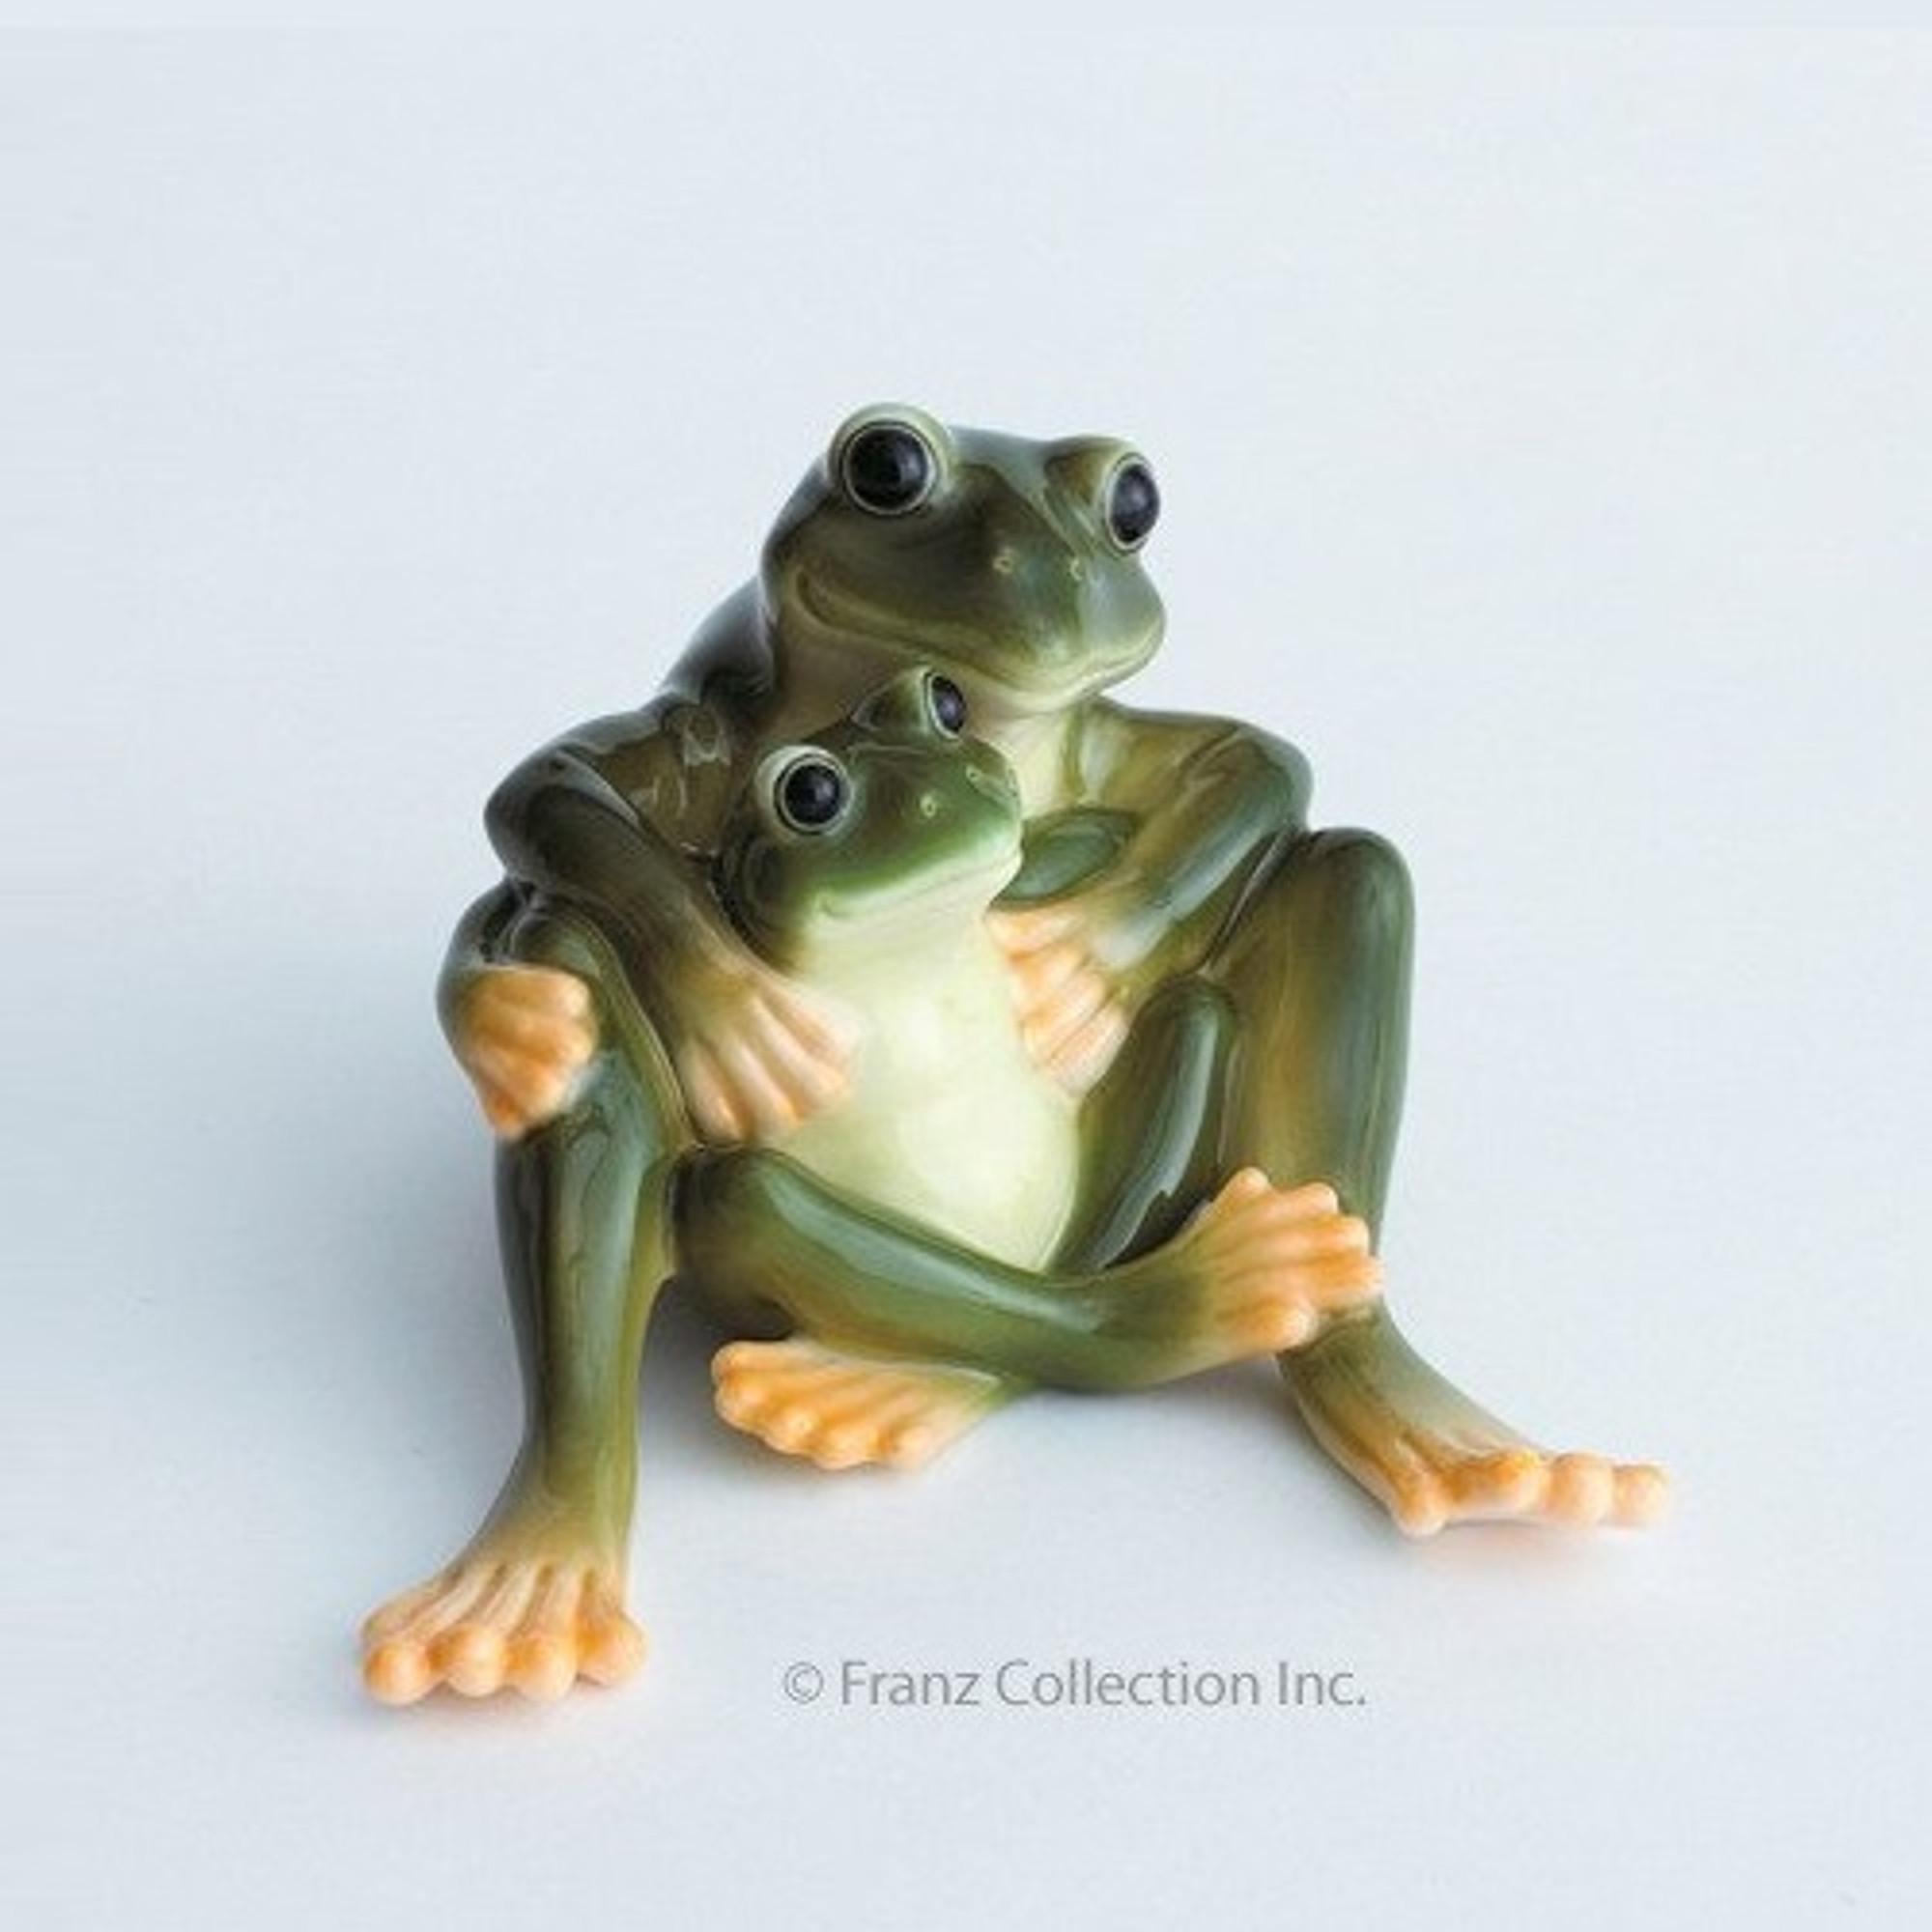 Frog Figurine Sculpture Franz Collection Porcelain